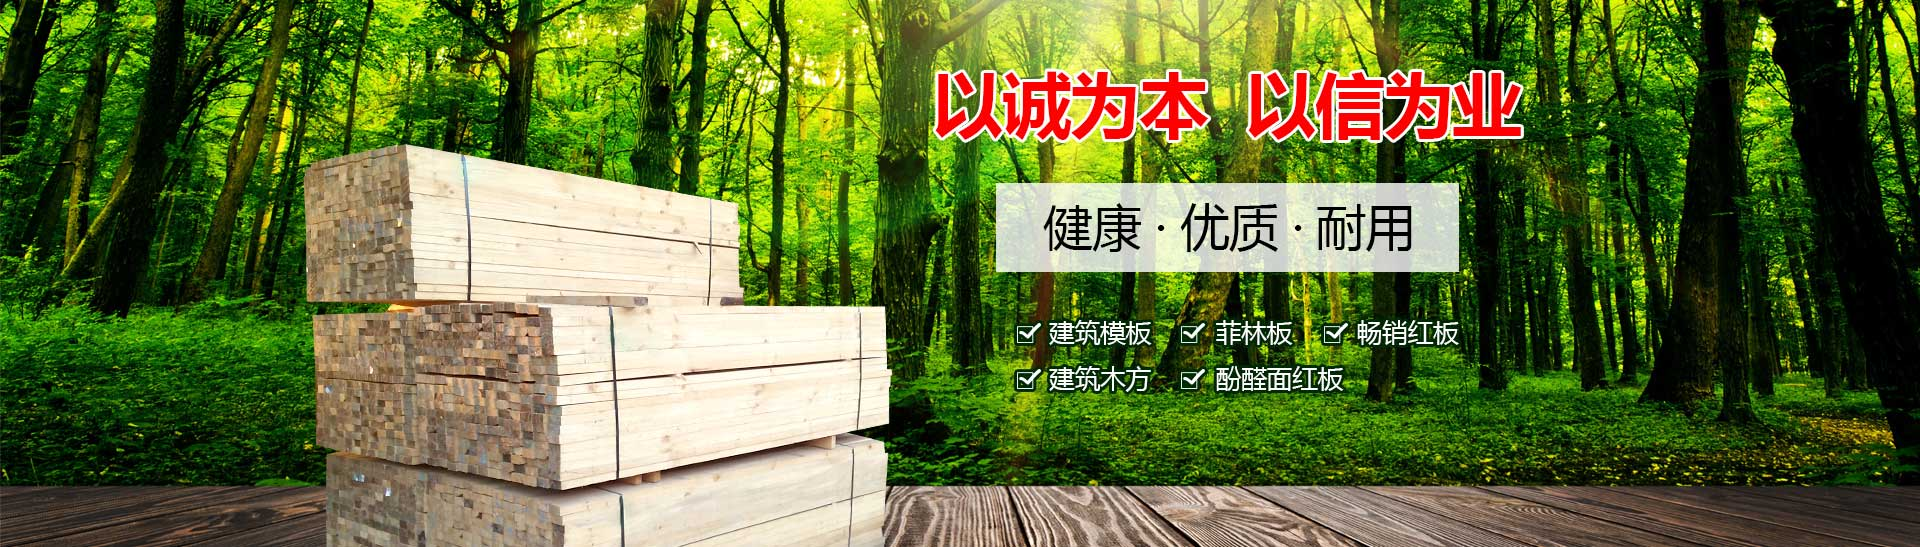 湖北鑫锐兴盛木业有限公司